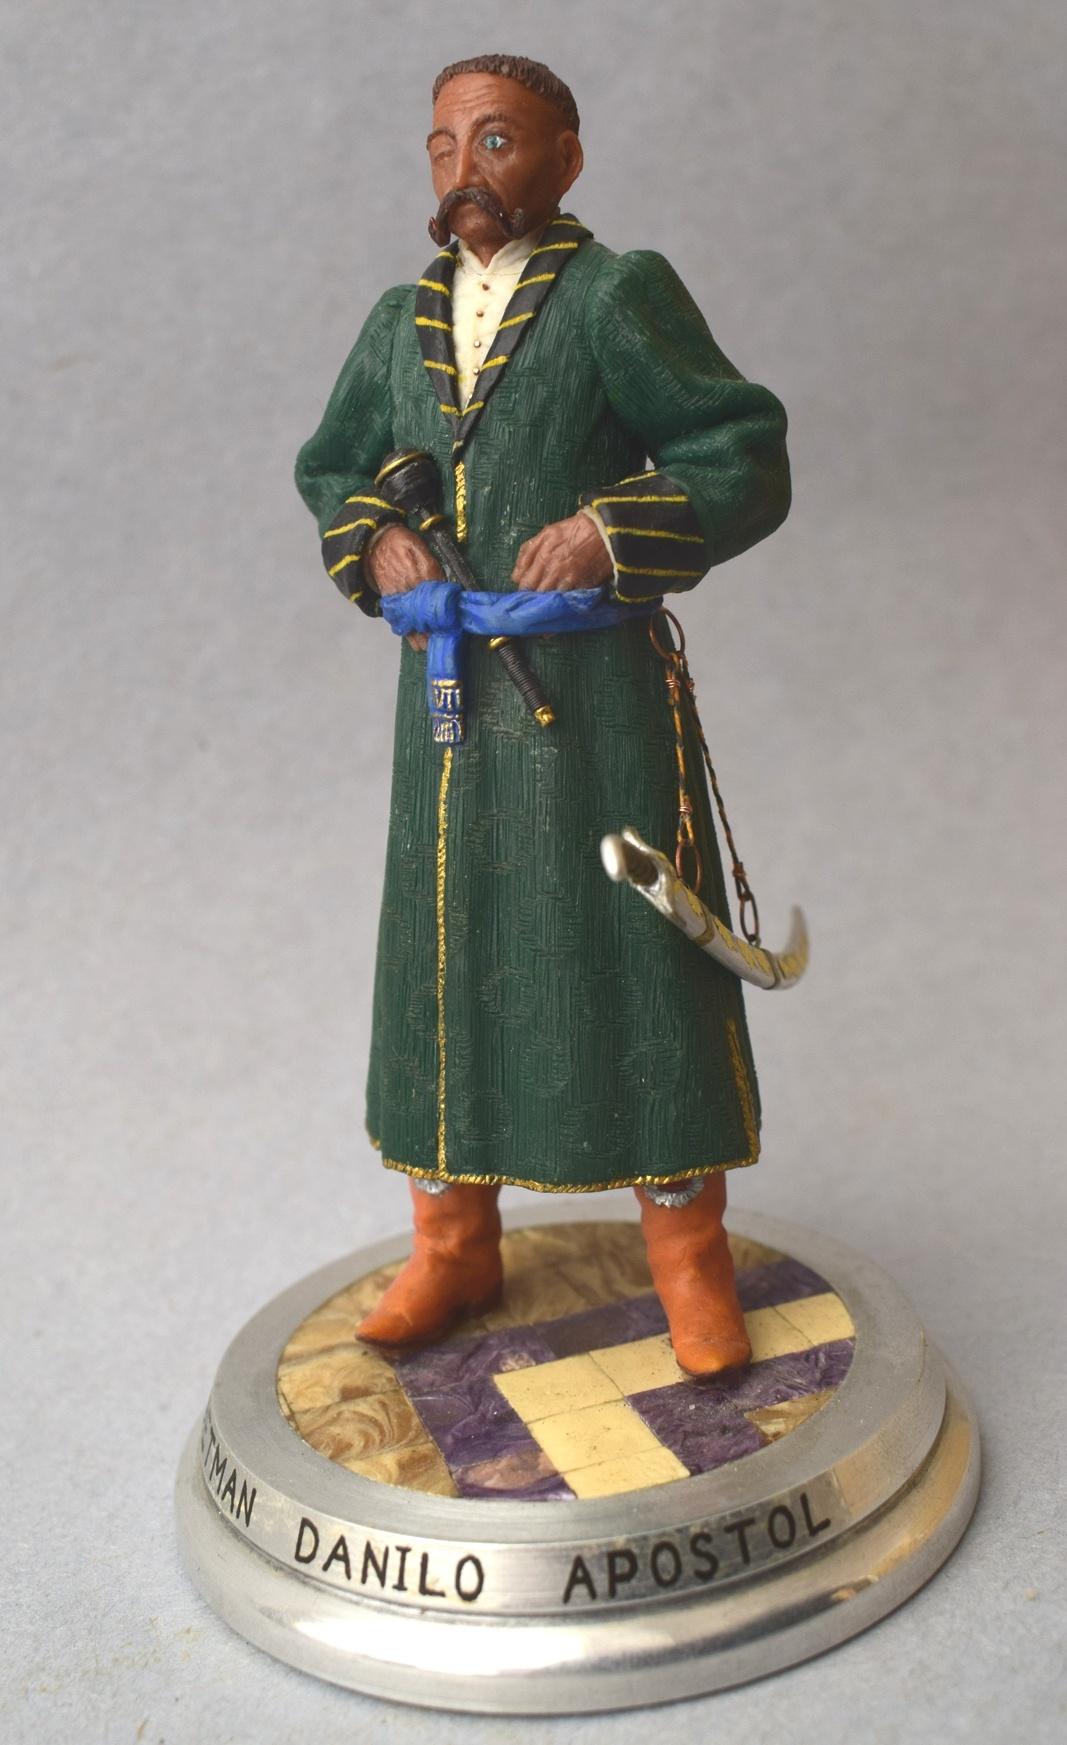 """Історична мініатюра. """"Данило Апостол (1654-1734). Гетьман Війська Запорозького, Гетьман Лівобережної Україні (1727-1734)"""""""